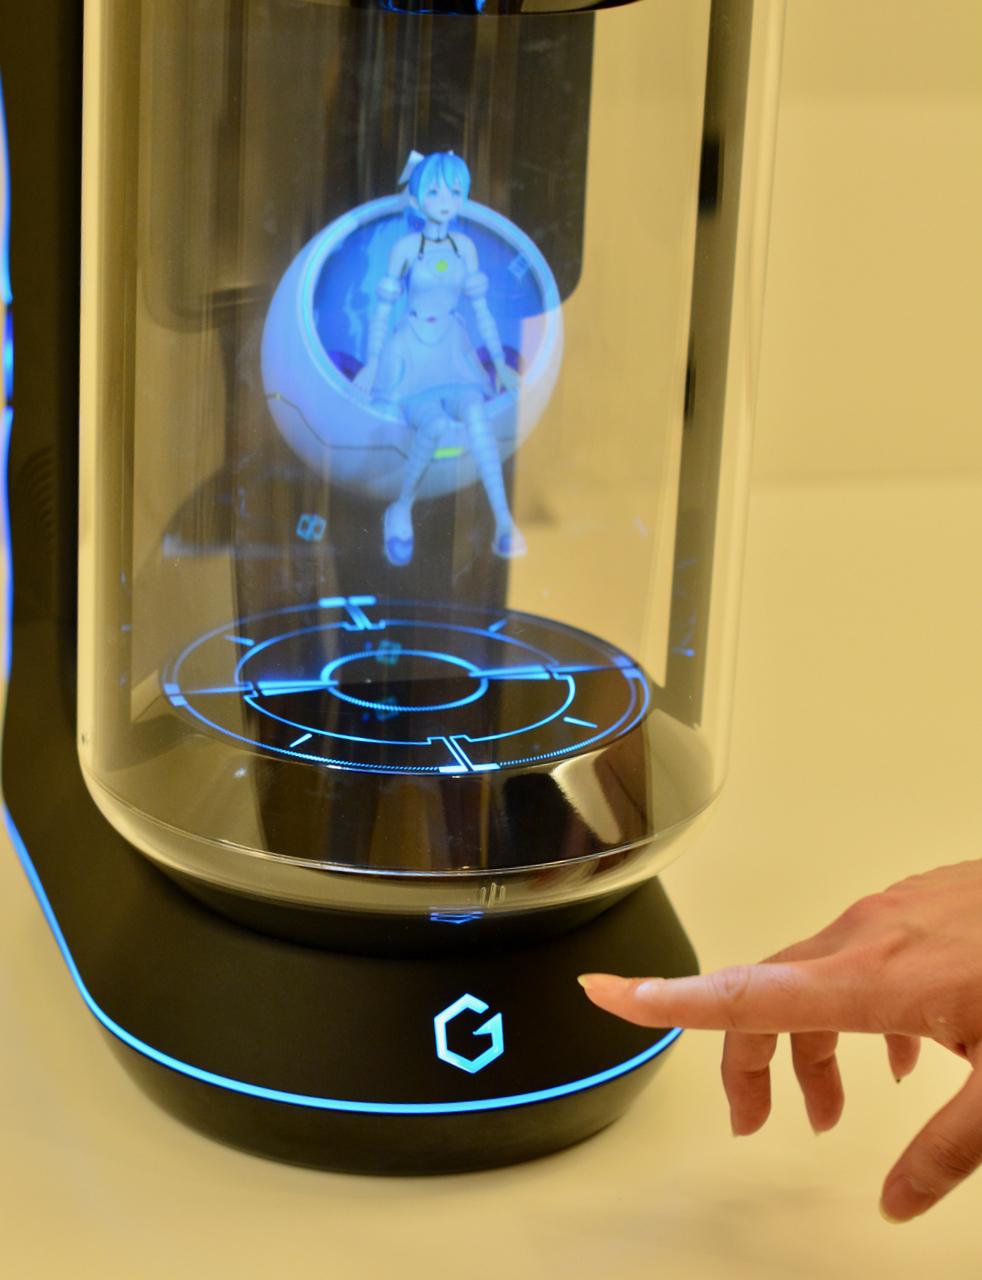 「Gatebox」誕生秘話、妄想が産んだバーチャル嫁ロボット30万円が5日間で200台も売れる理由